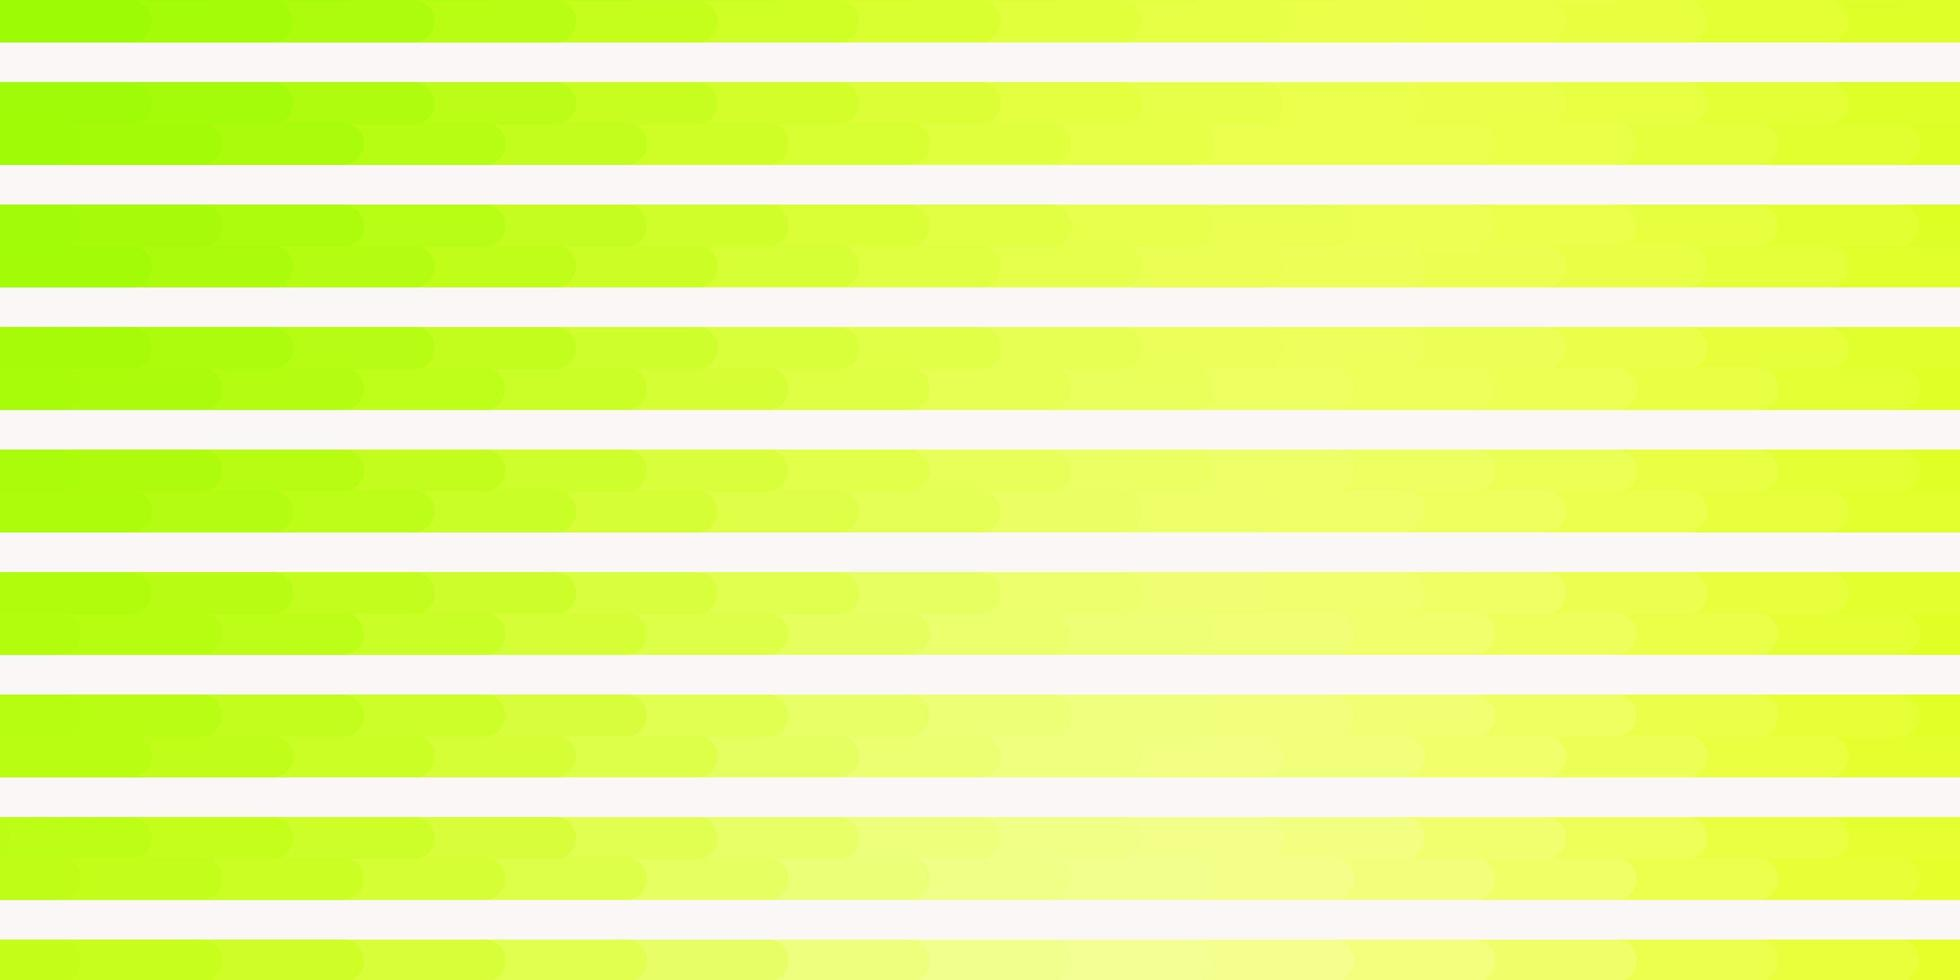 luz verde, amarelo padrão de vetor com linhas.